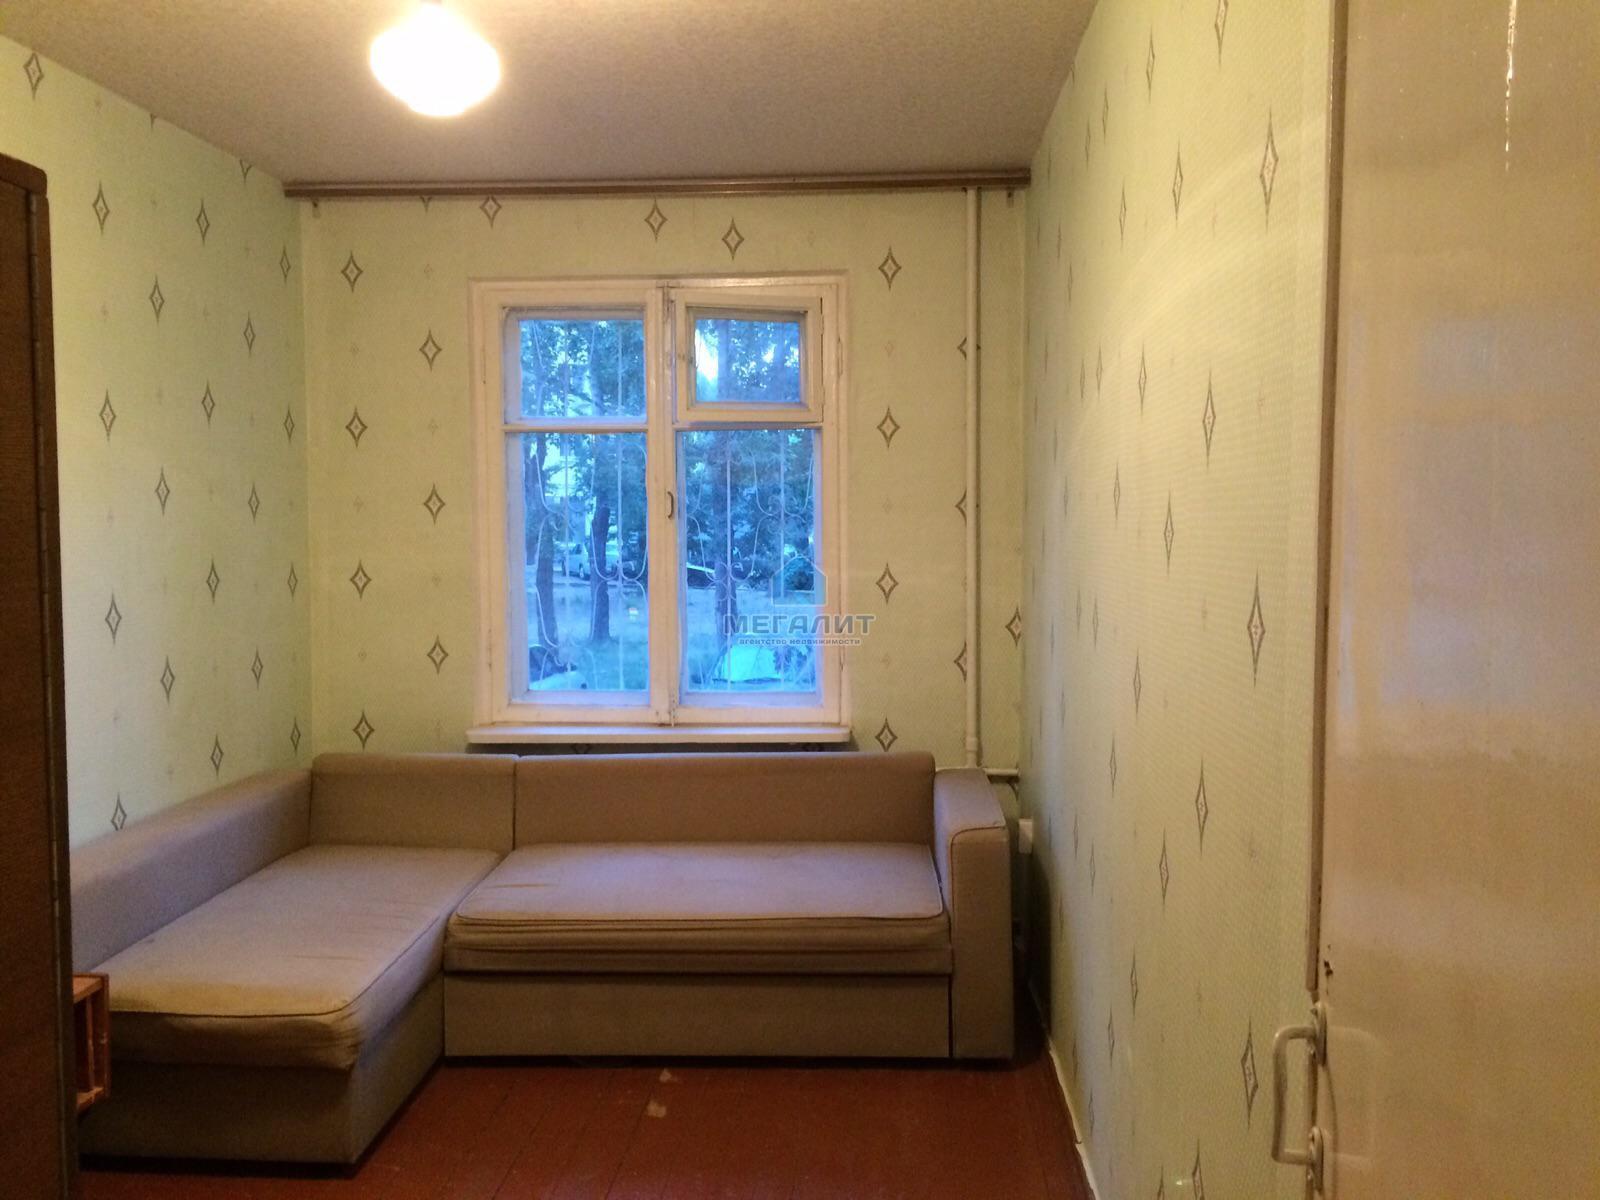 Аренда 2-к квартиры Академика Королева 12, 46 м2  (миниатюра №2)